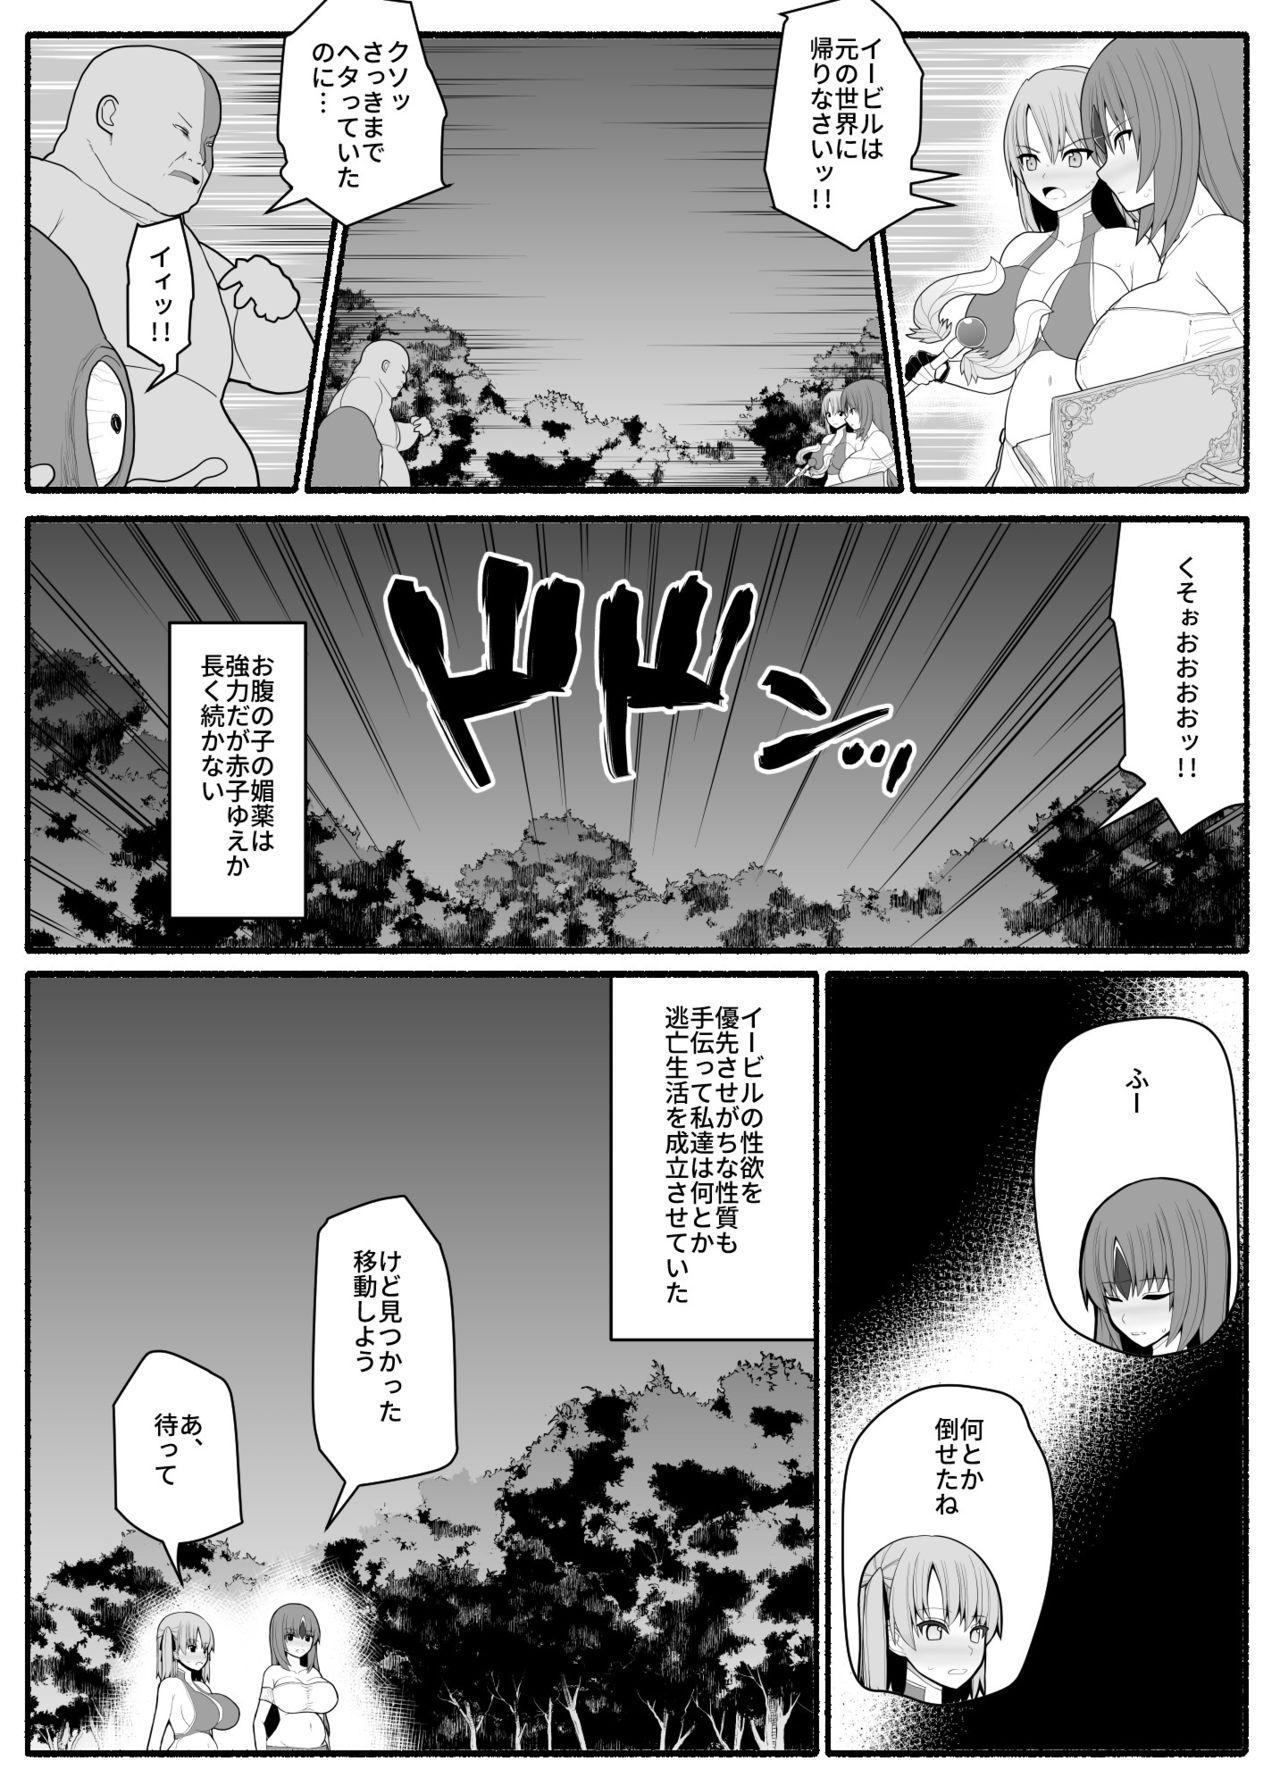 Mahou Shoujo VS Inma Seibutsu 4 11